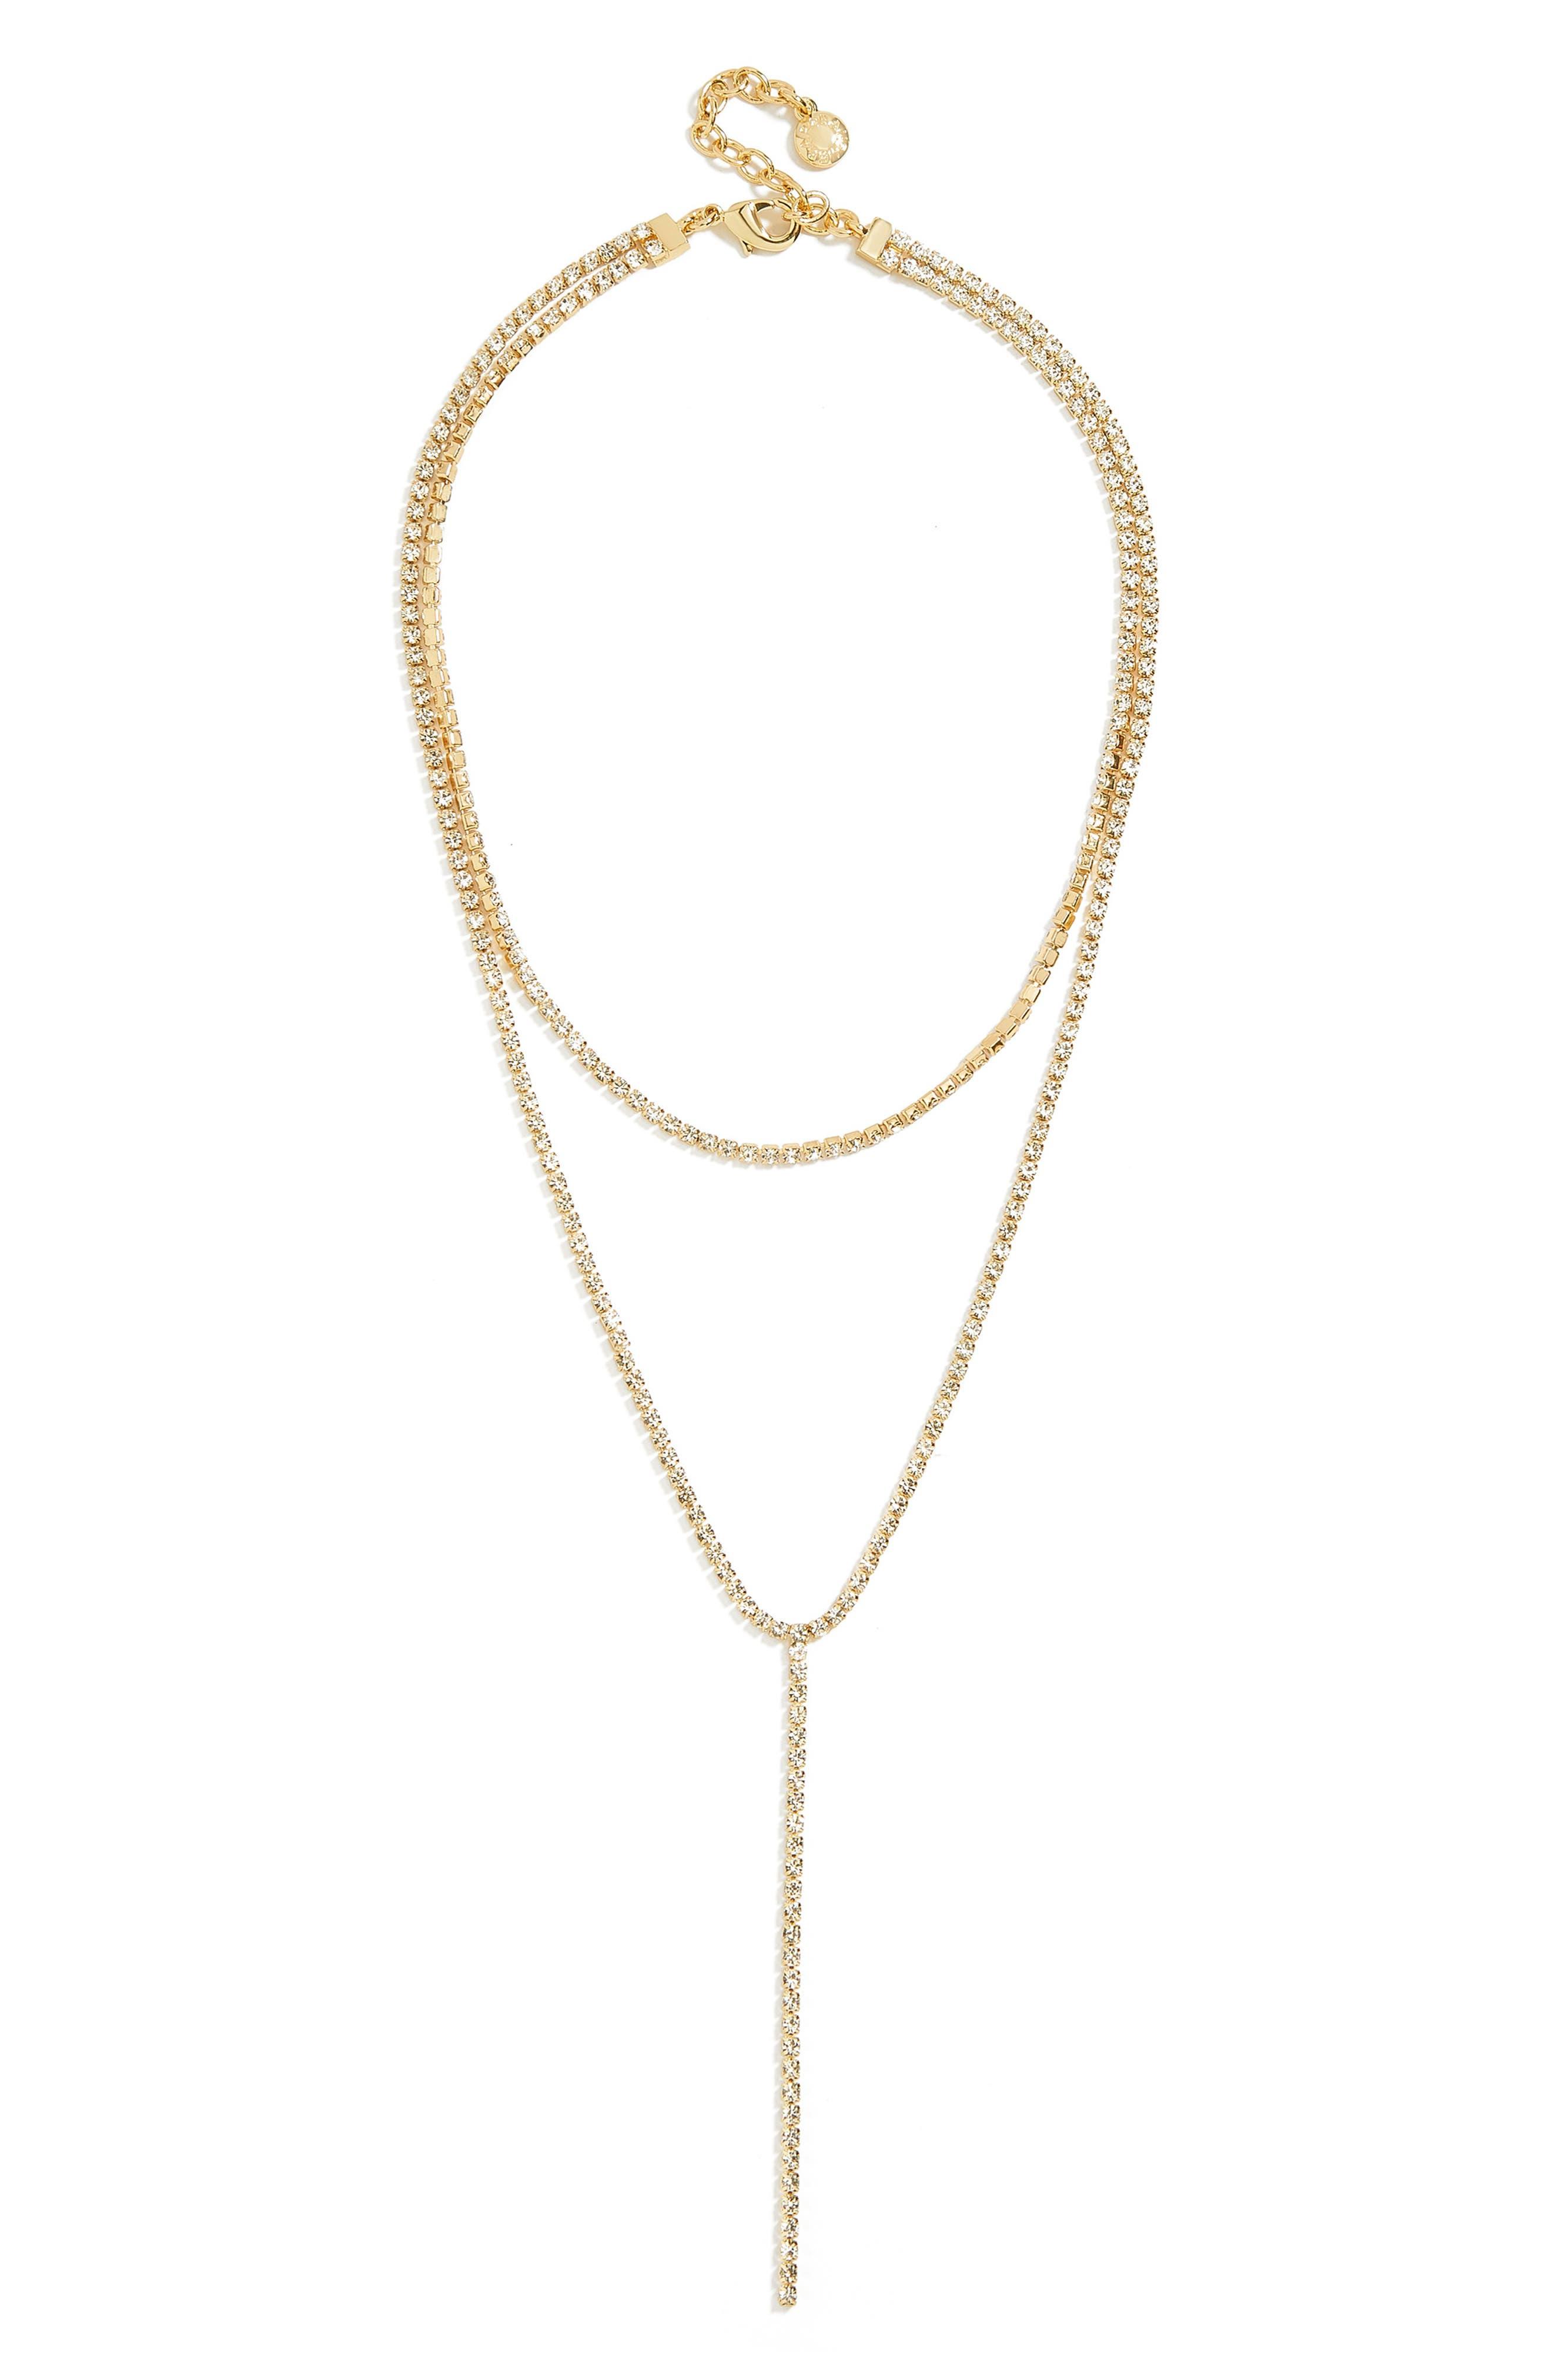 BAUBLEBAR Skyler Layered Y Necklace, Main, color, GOLD